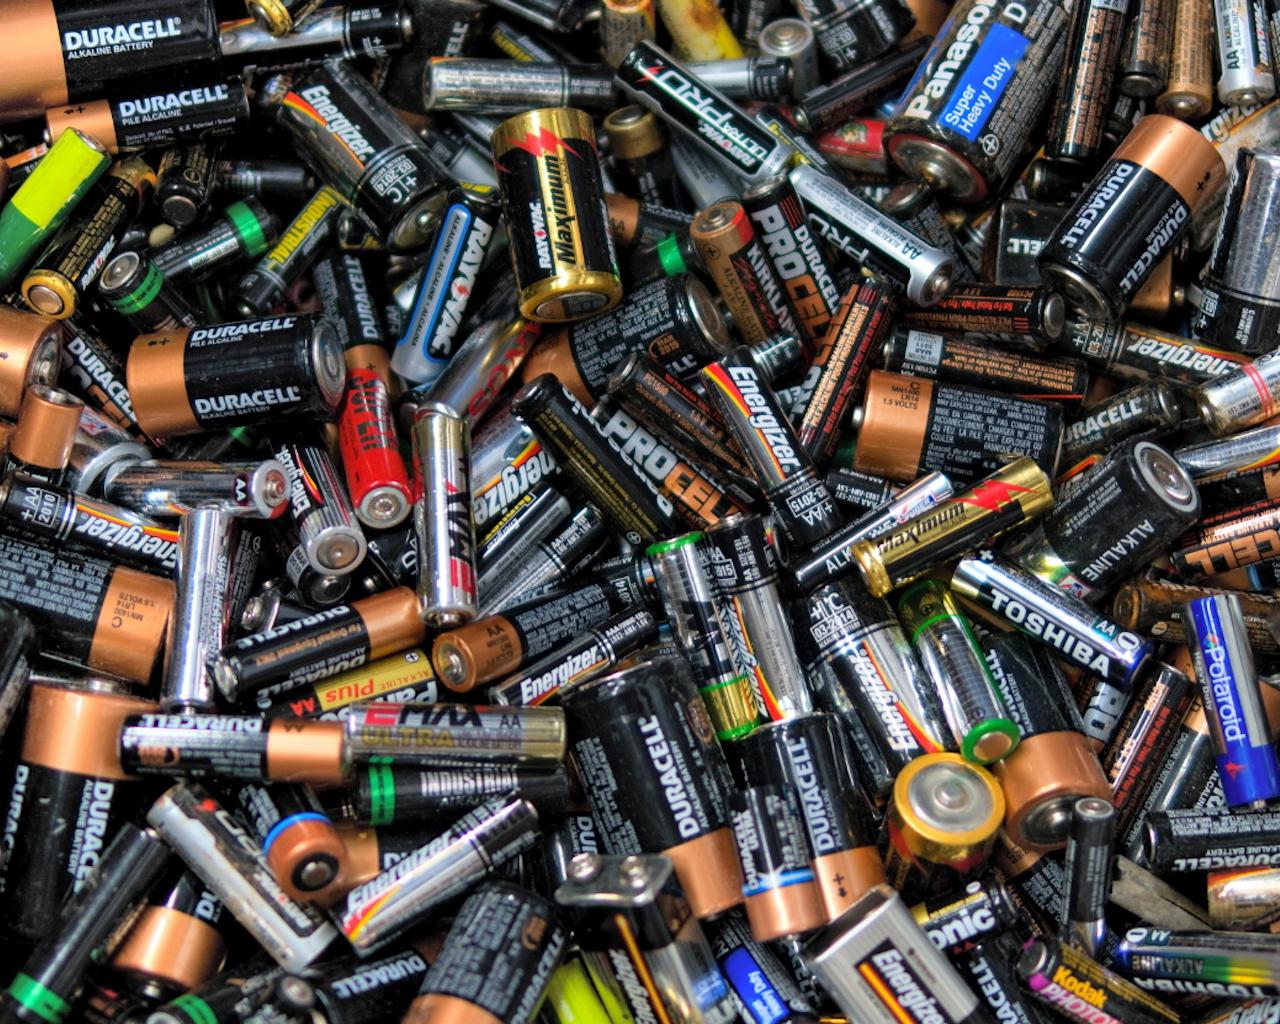 Ανακύκλωση Ηλεκτρικών Στήλων & Συσσωρευτών - Aegean Recycling Εταιρεία Ανακύκλωσης & Επεξεργασίας Αποβλήτων Αστικού & Βιομηχανικού Τύπου